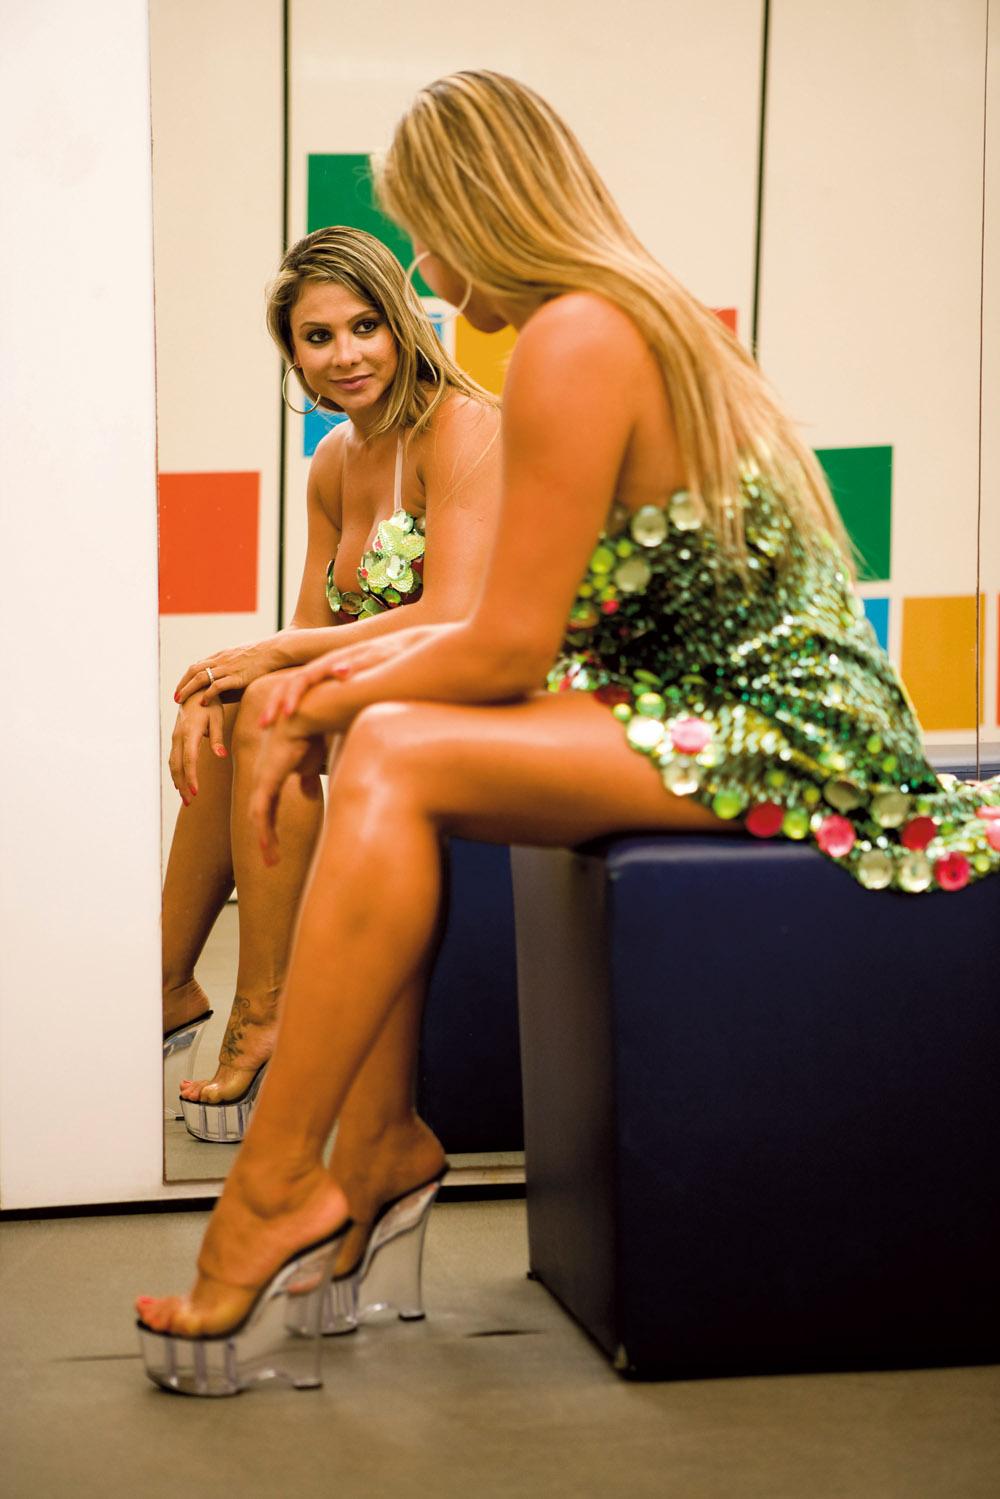 Glenda Santos - Musa da Mangueira, ela tem experiência no Jogo da Avenida: já apareceu em abertura de novela, posou nua e, agora, está toda toda como destaque da escola de samba